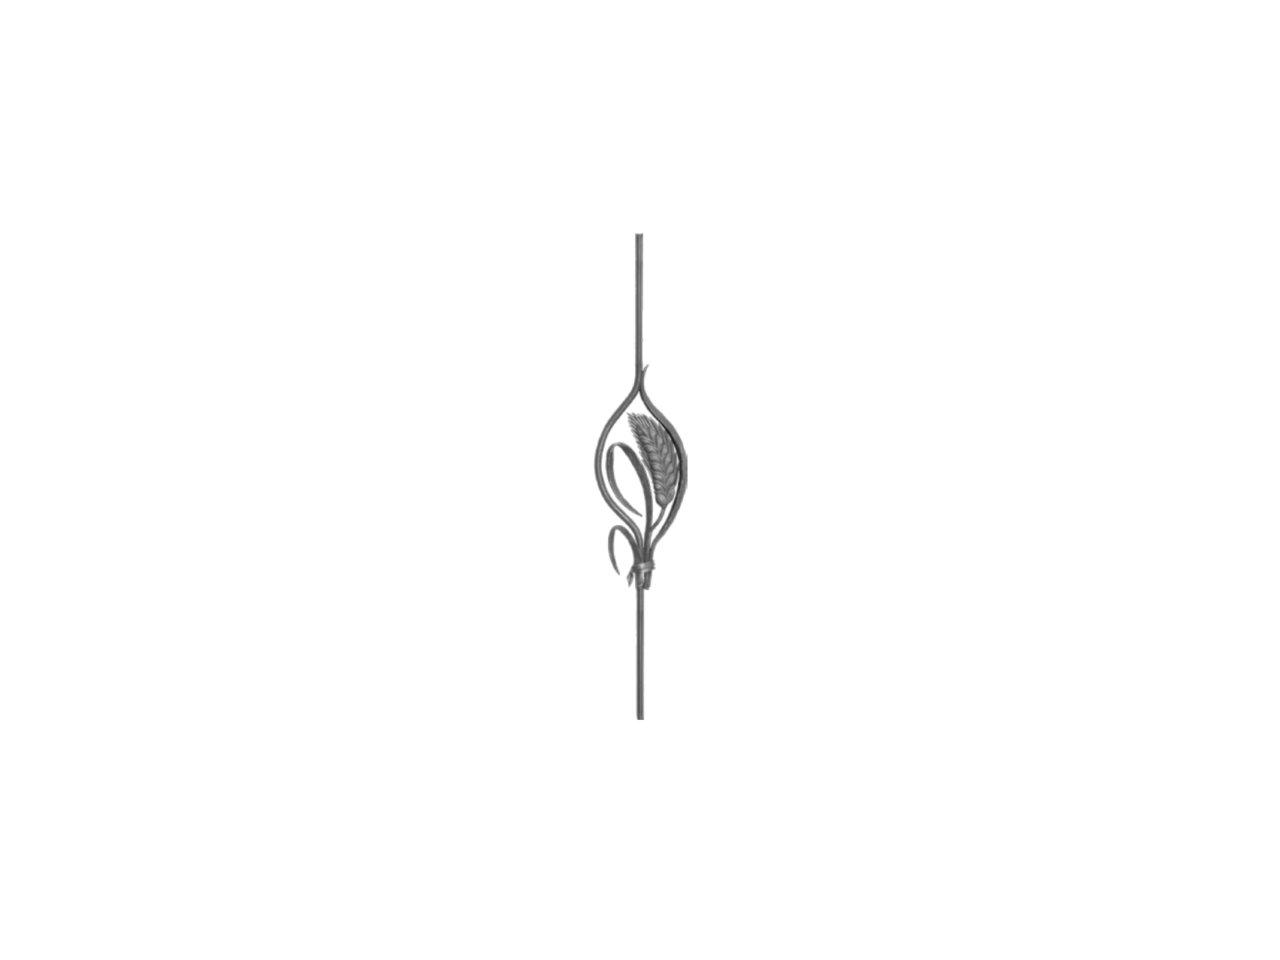 Tralka Prosta Ozdobna 007.306.01 950 x 250